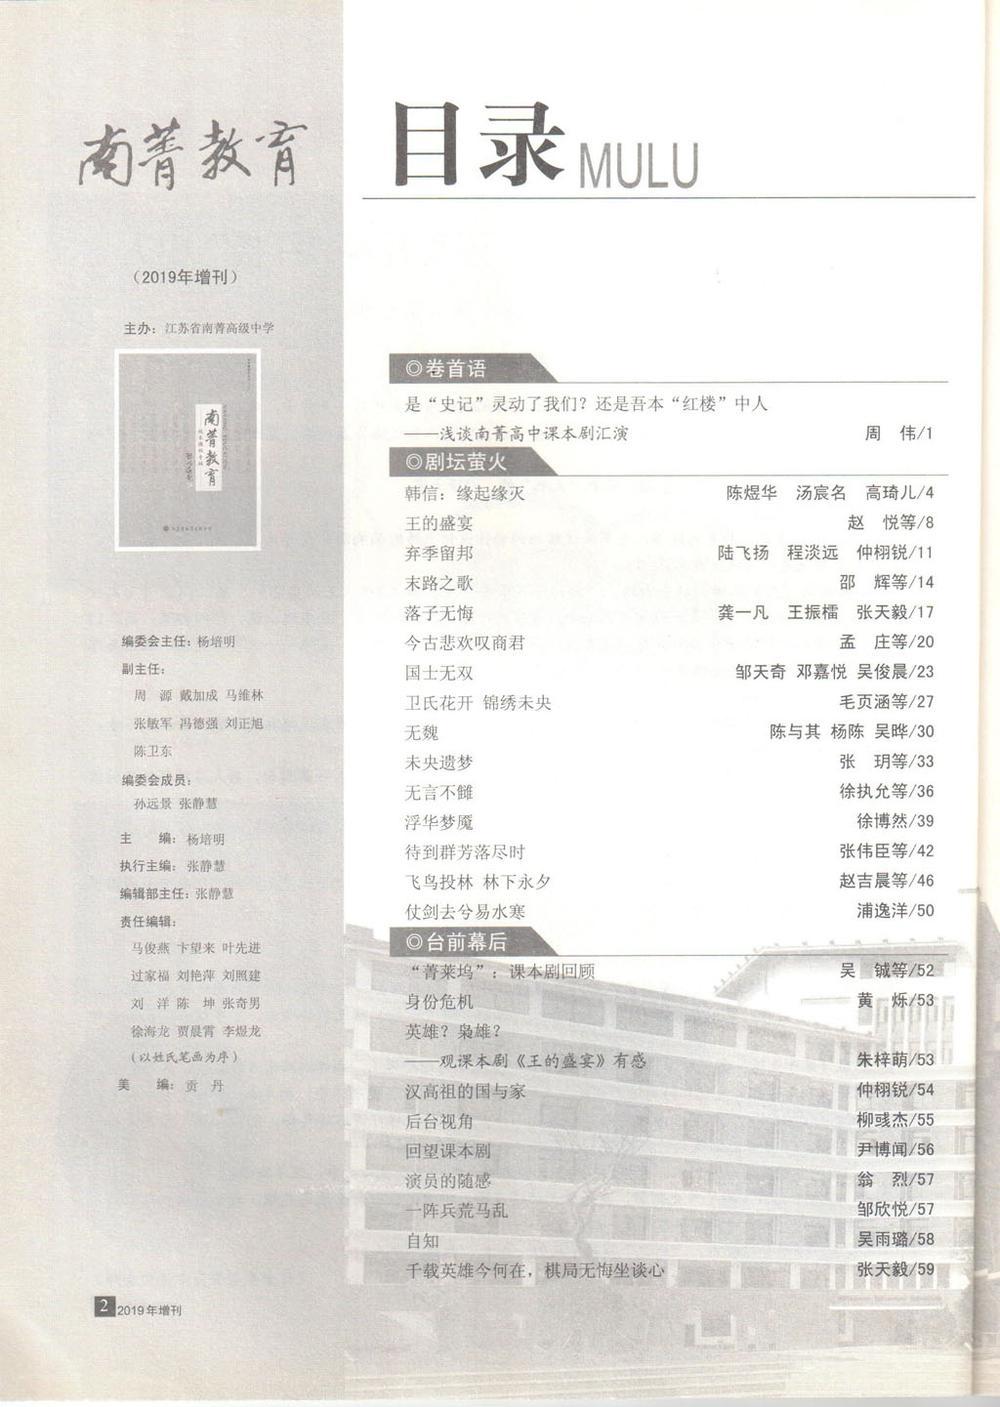 17 、课本剧3.jpg